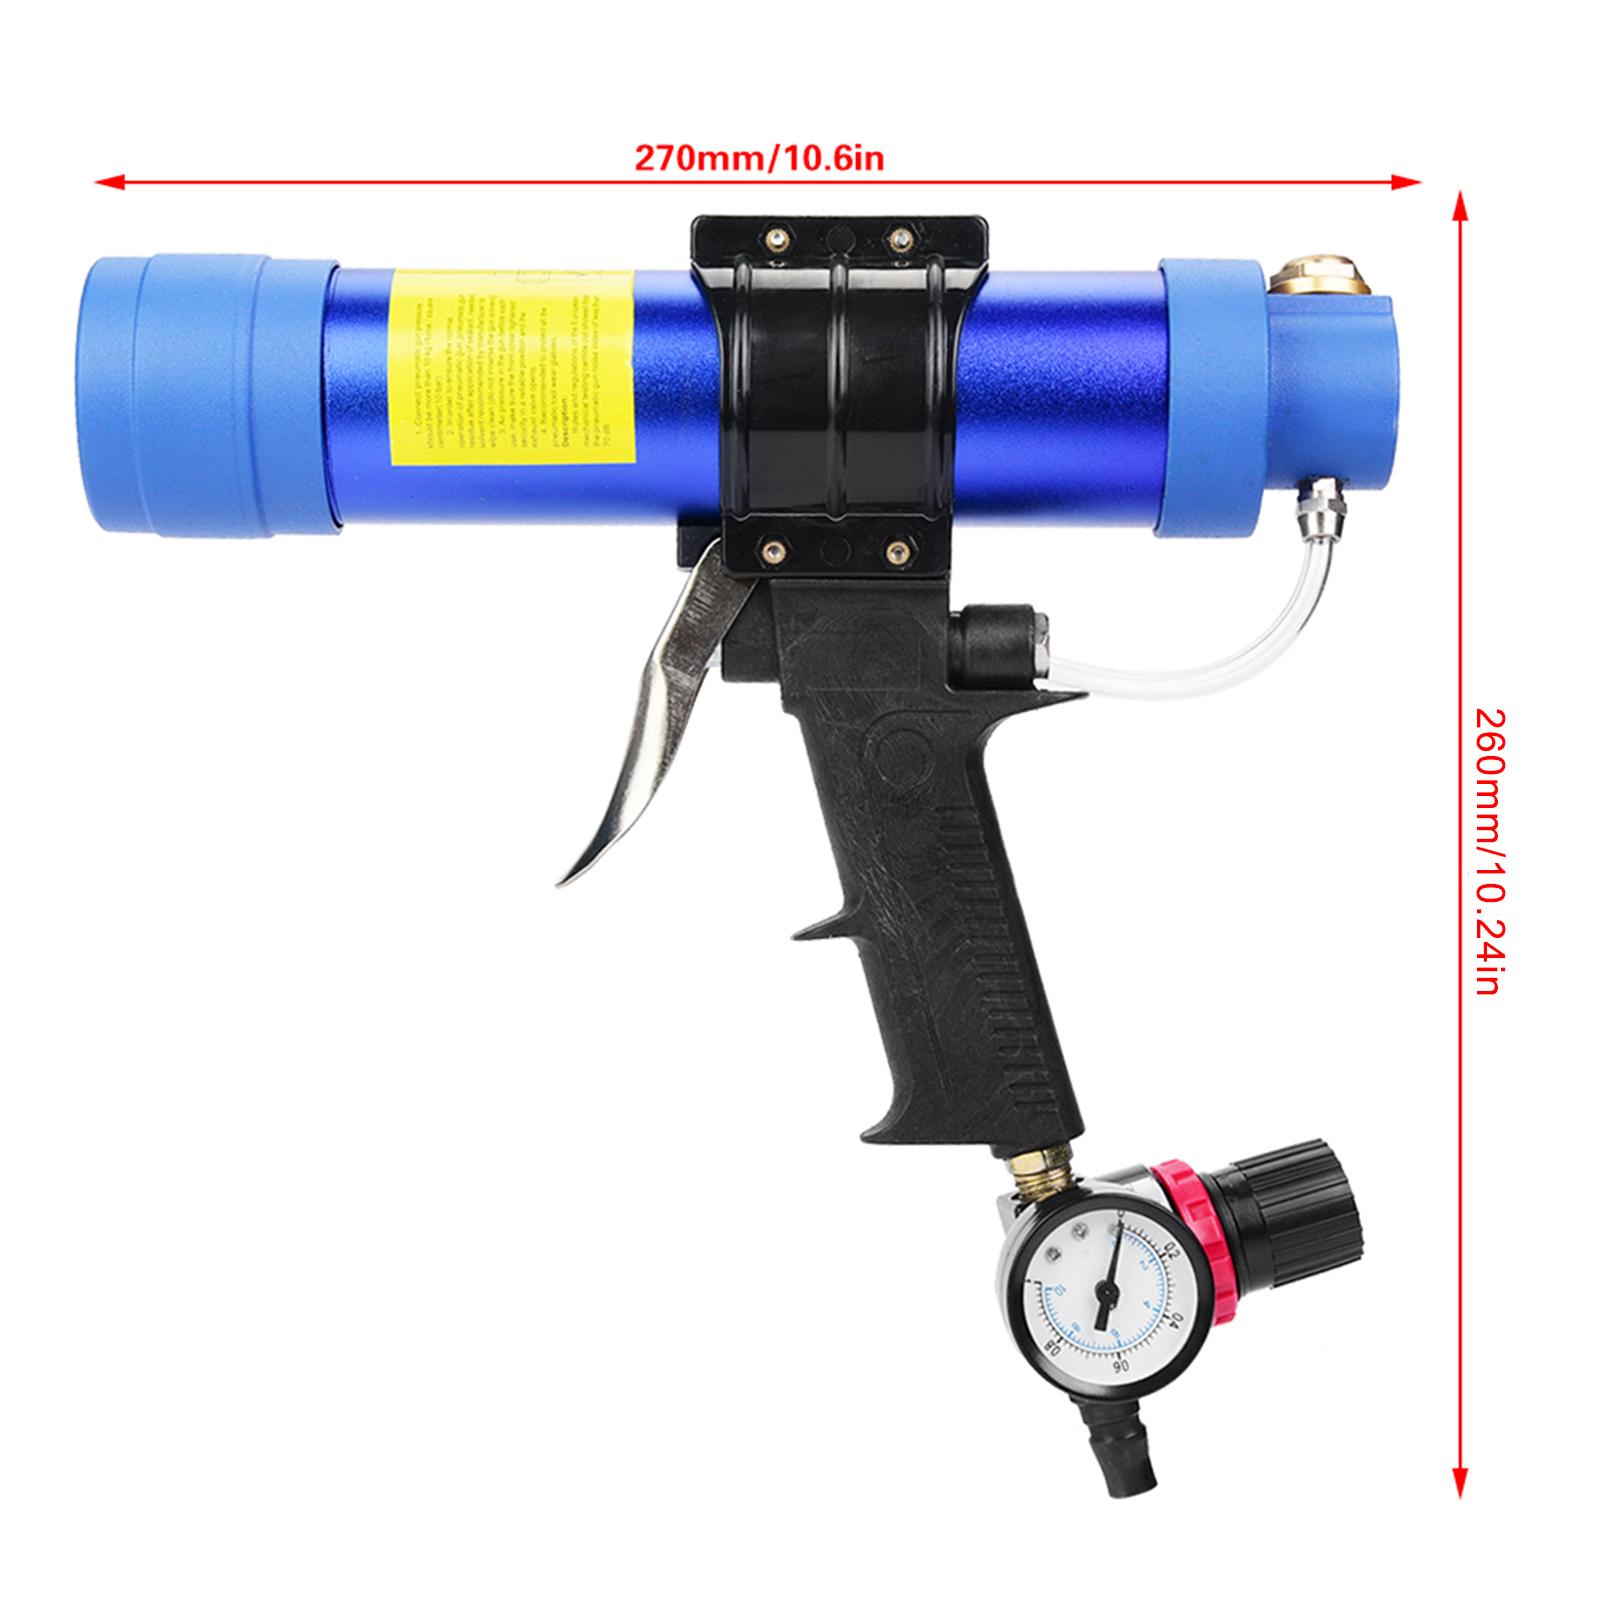 Pistolet-a-Colle-de-Verre-Pistolet-a-Calfeutrer-Pneumatique-Reglable-Colle-Dure miniatuur 8